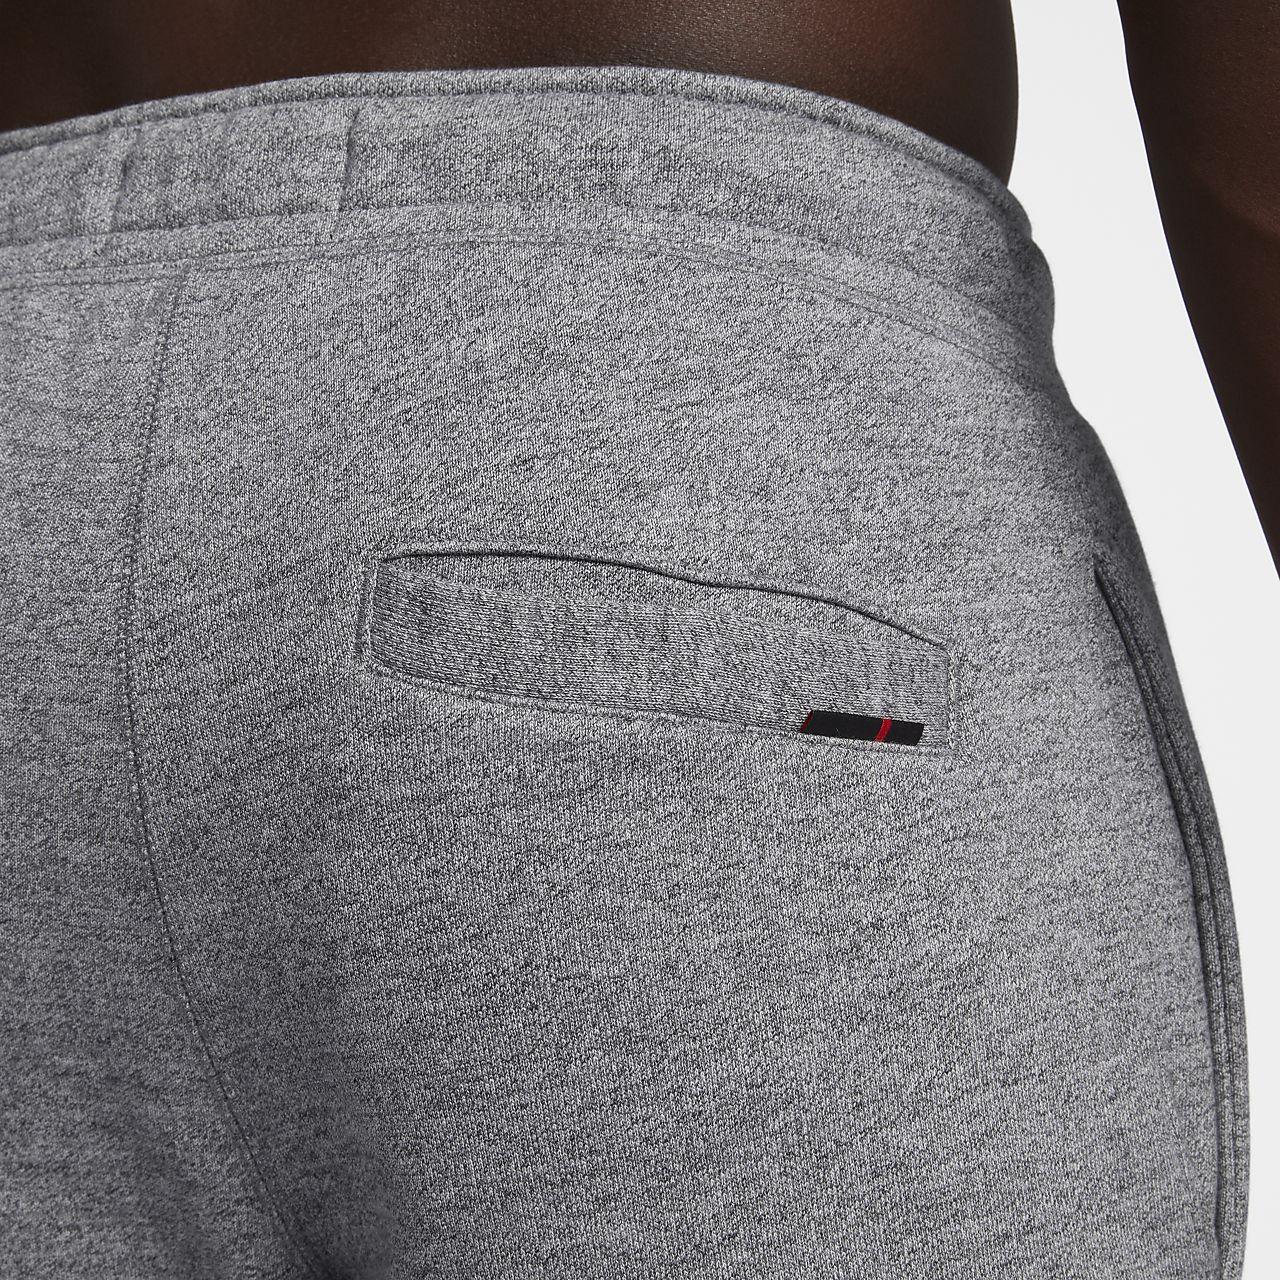 b8b75e5fbab Jordan Sportswear Wings Men's Fleece Pants. Nike.com